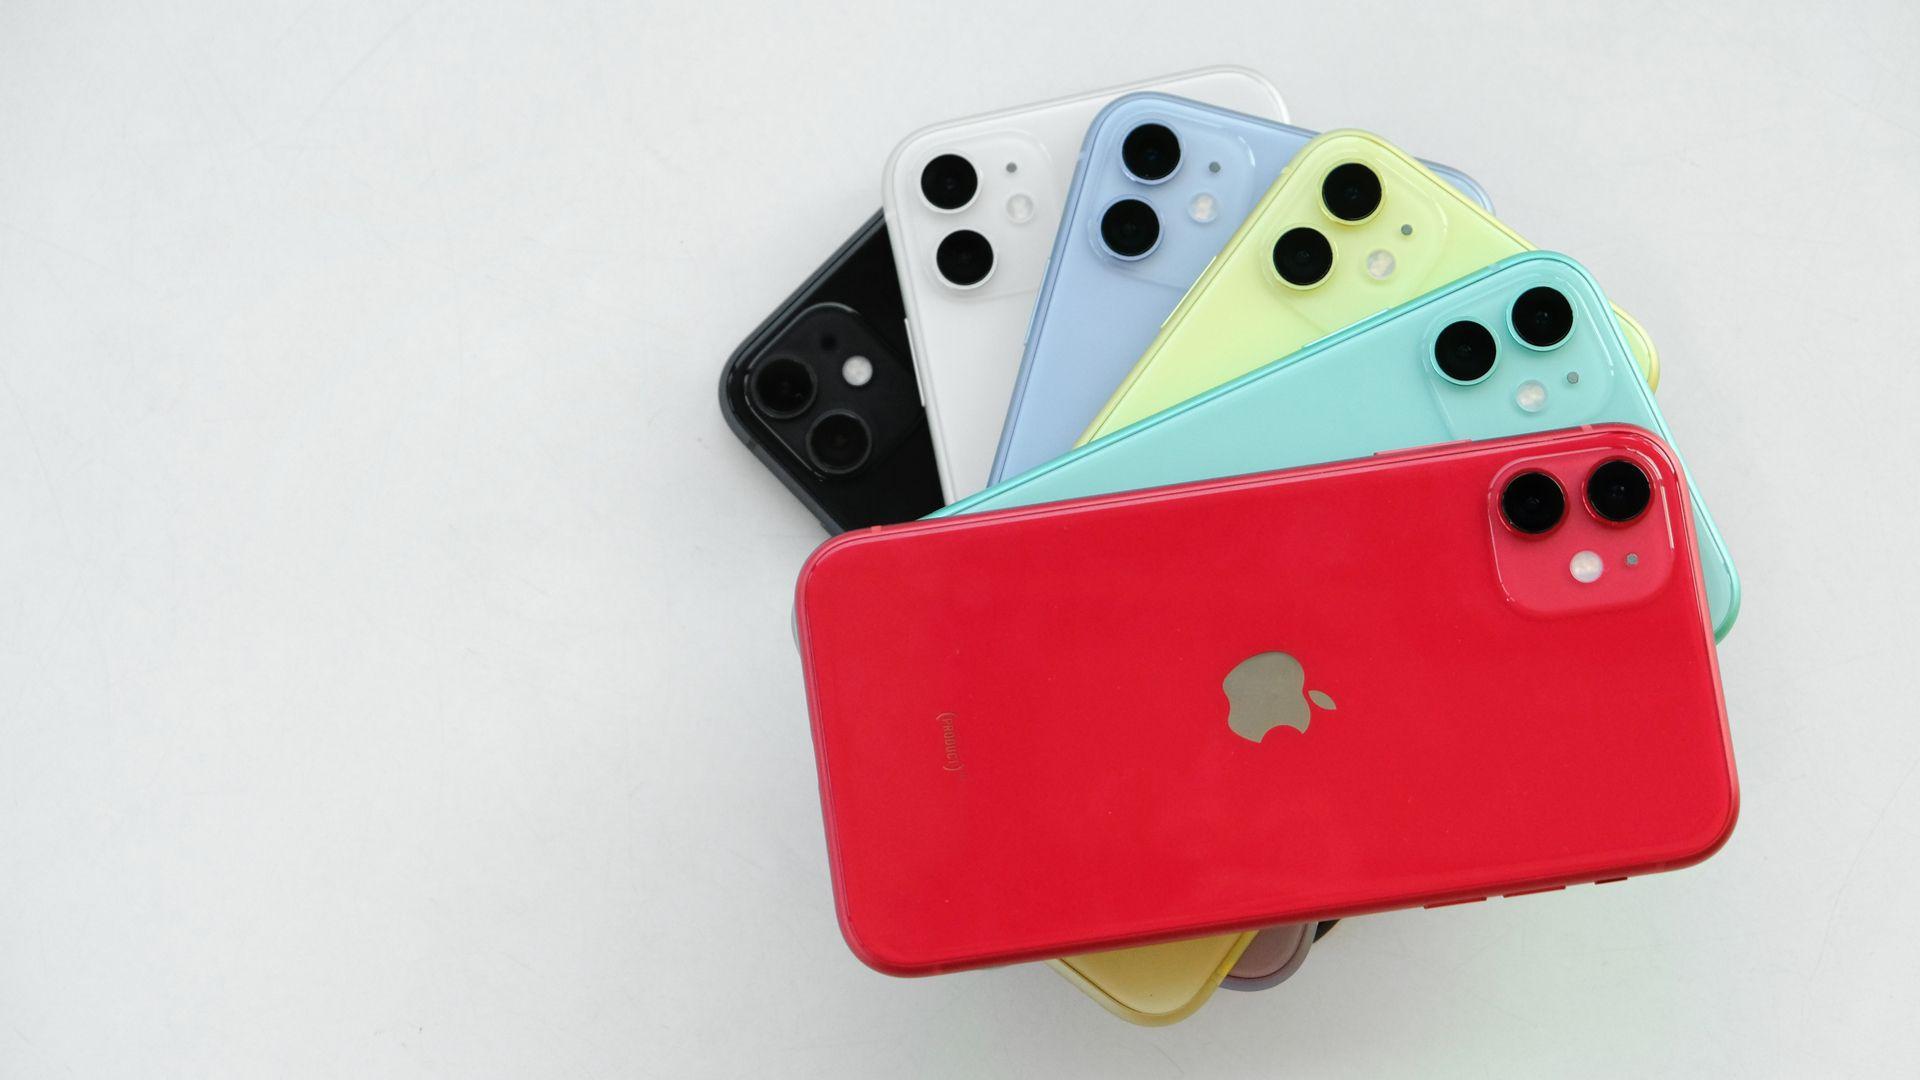 iPhone 11 tem diversas opções de cores. (Imagem: Framesira/Shutterstock)